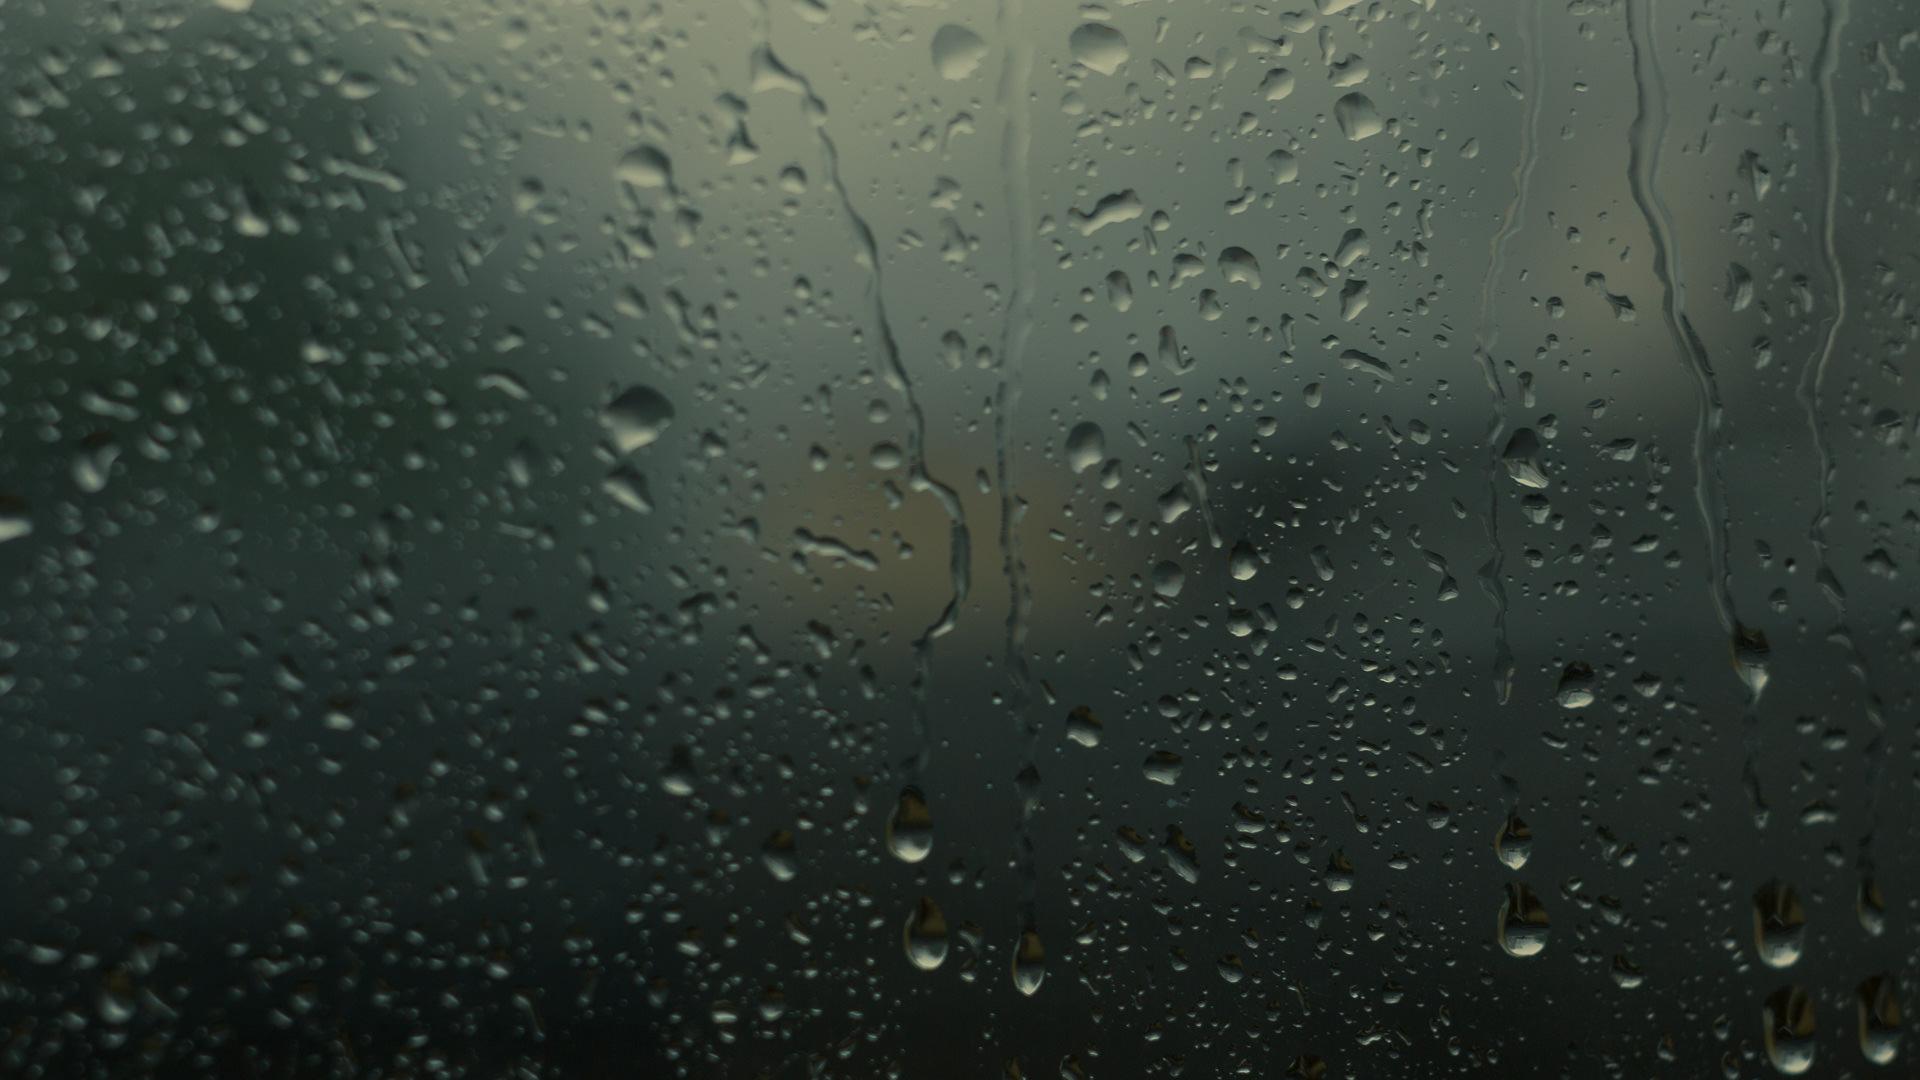 Dia de chuva e blackout – Parte 2: Cor